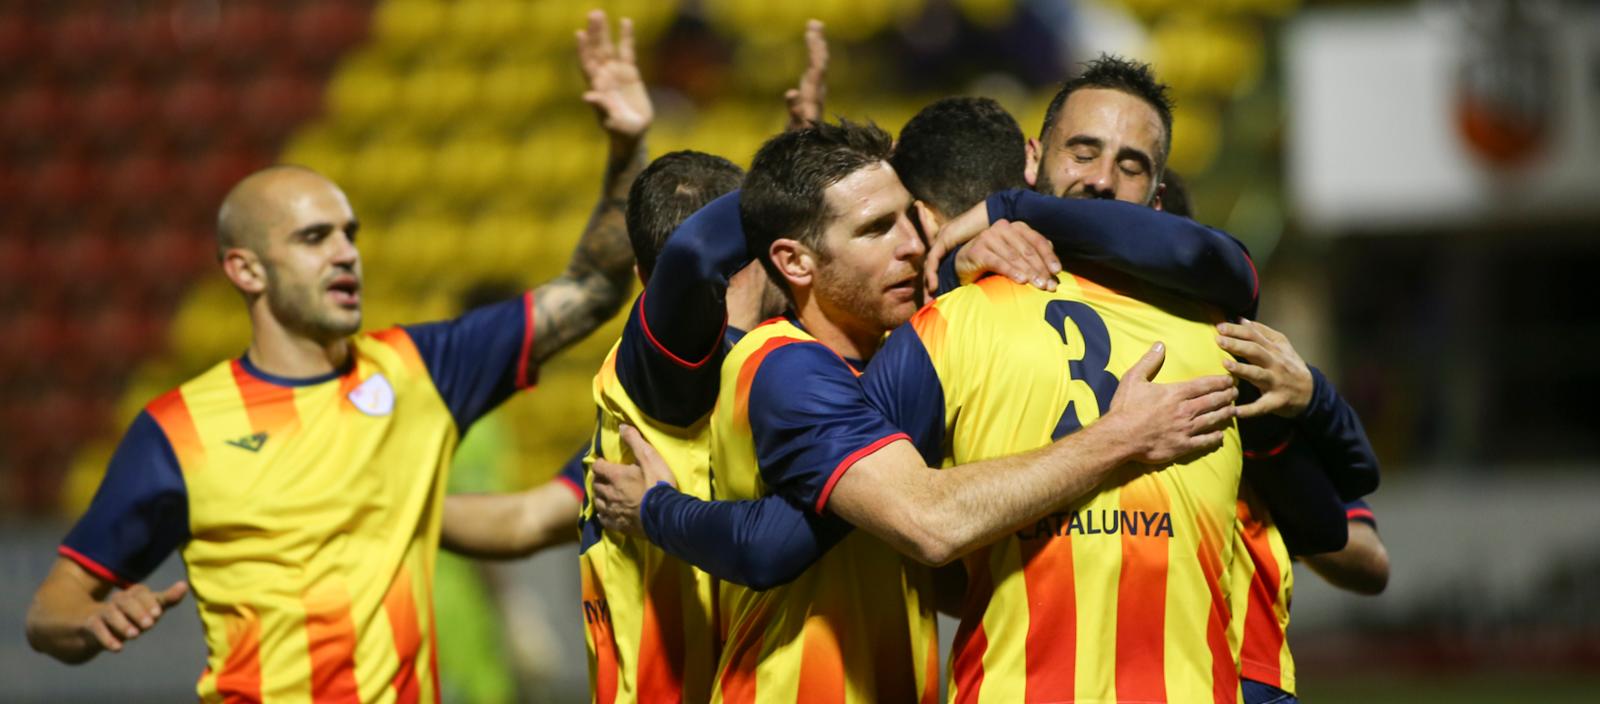 Convocatòria de la Selecció Catalana Amateur per al partit de tornada davant Castellà i Lleó